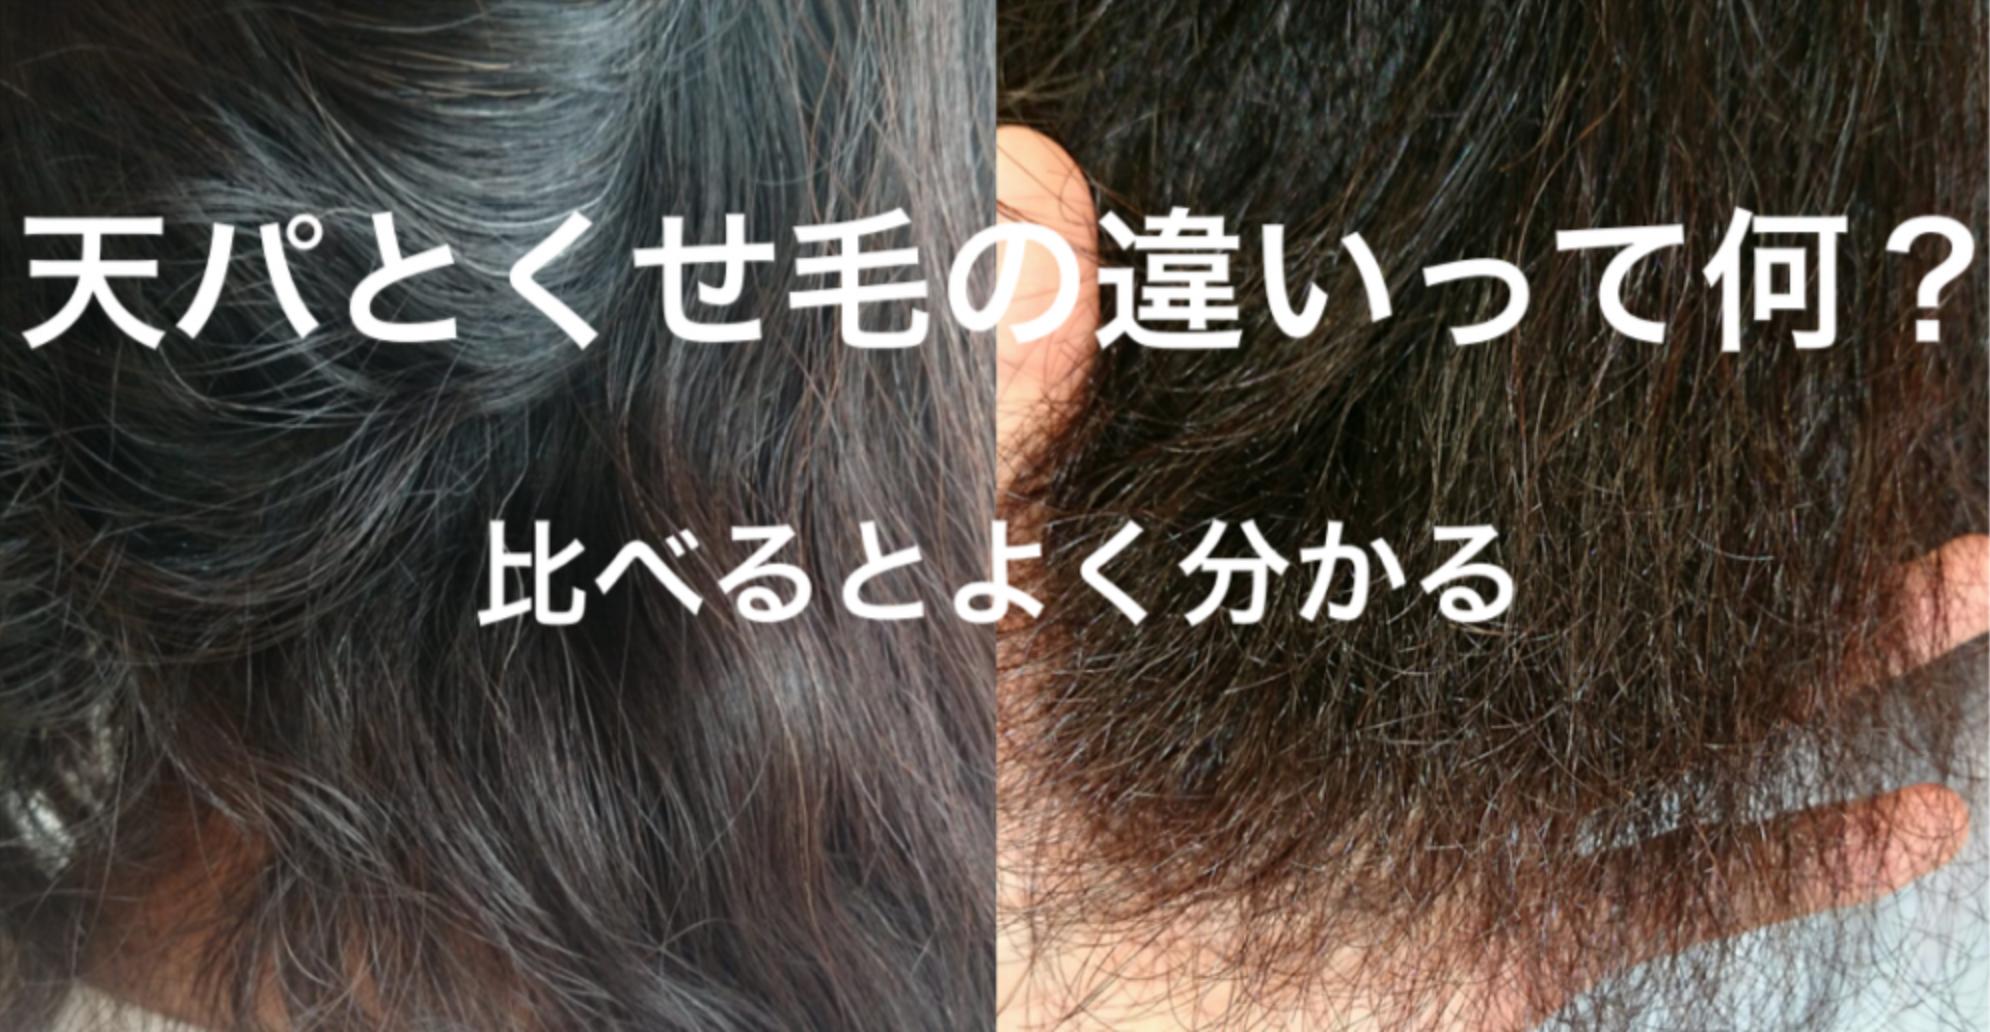 ひどい くせ毛 くせ毛が乾燥で酷い!乾燥したようなくせ毛を改善するには?